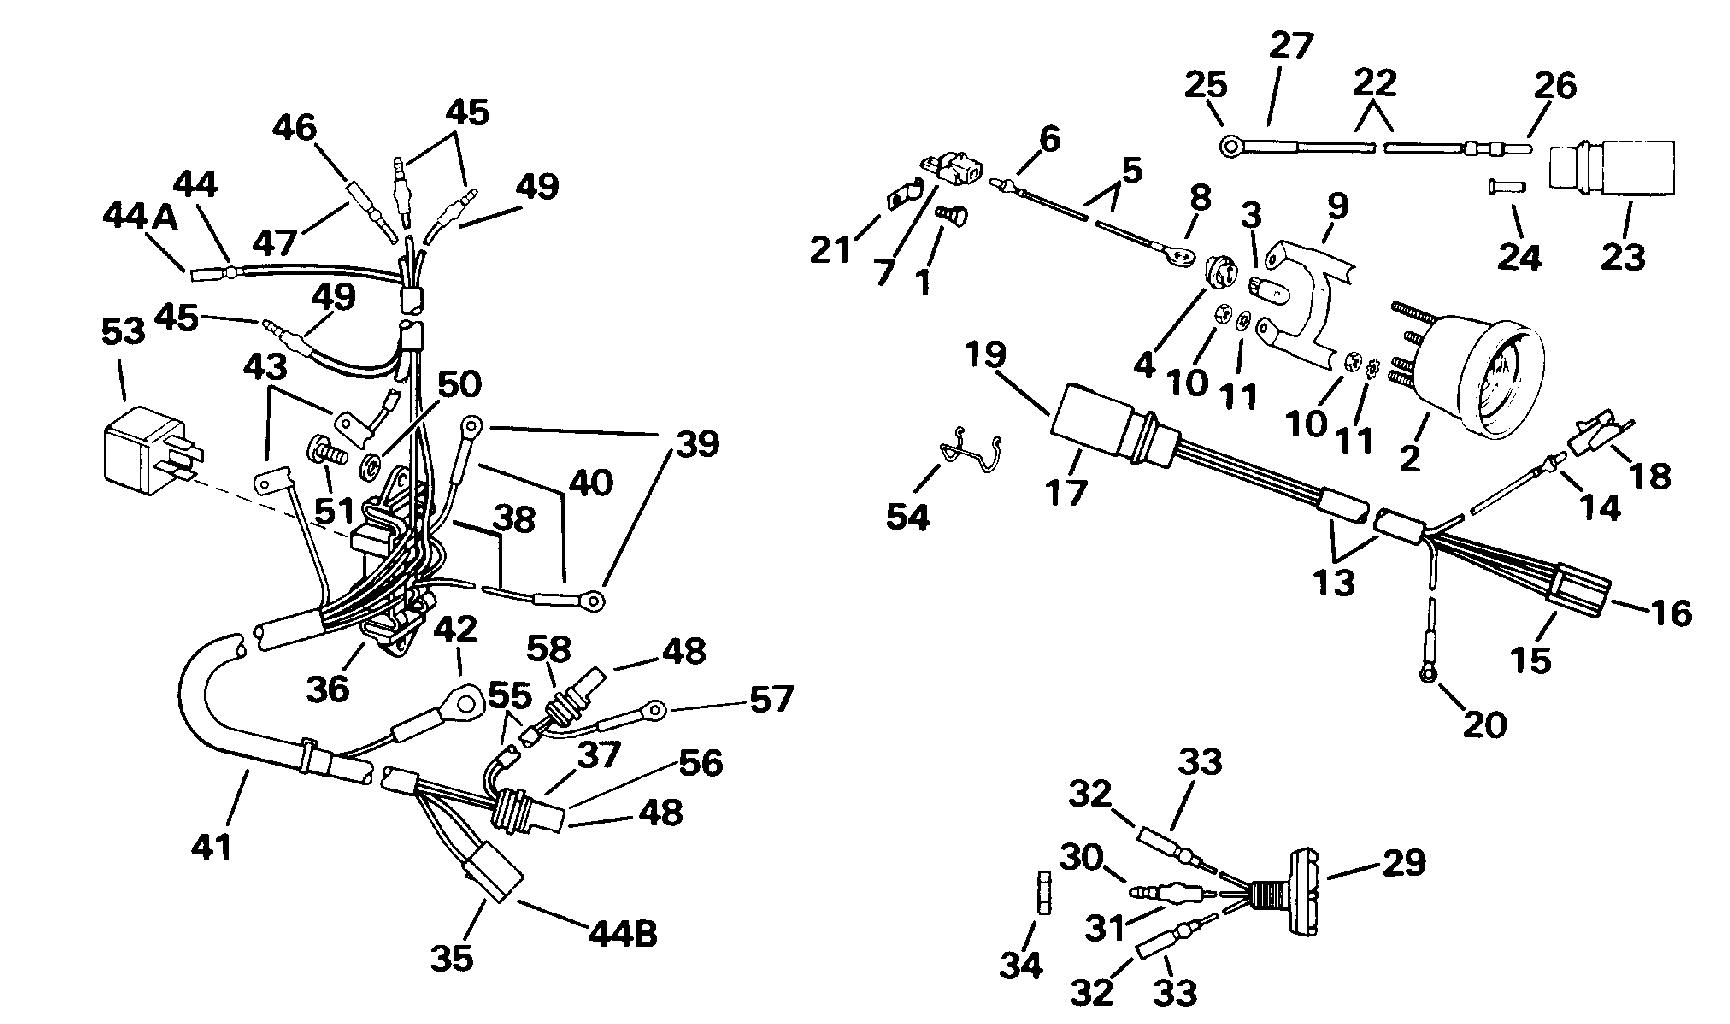 0583653 Omc Wiring Diagram - Wiring Diagrams Schematics